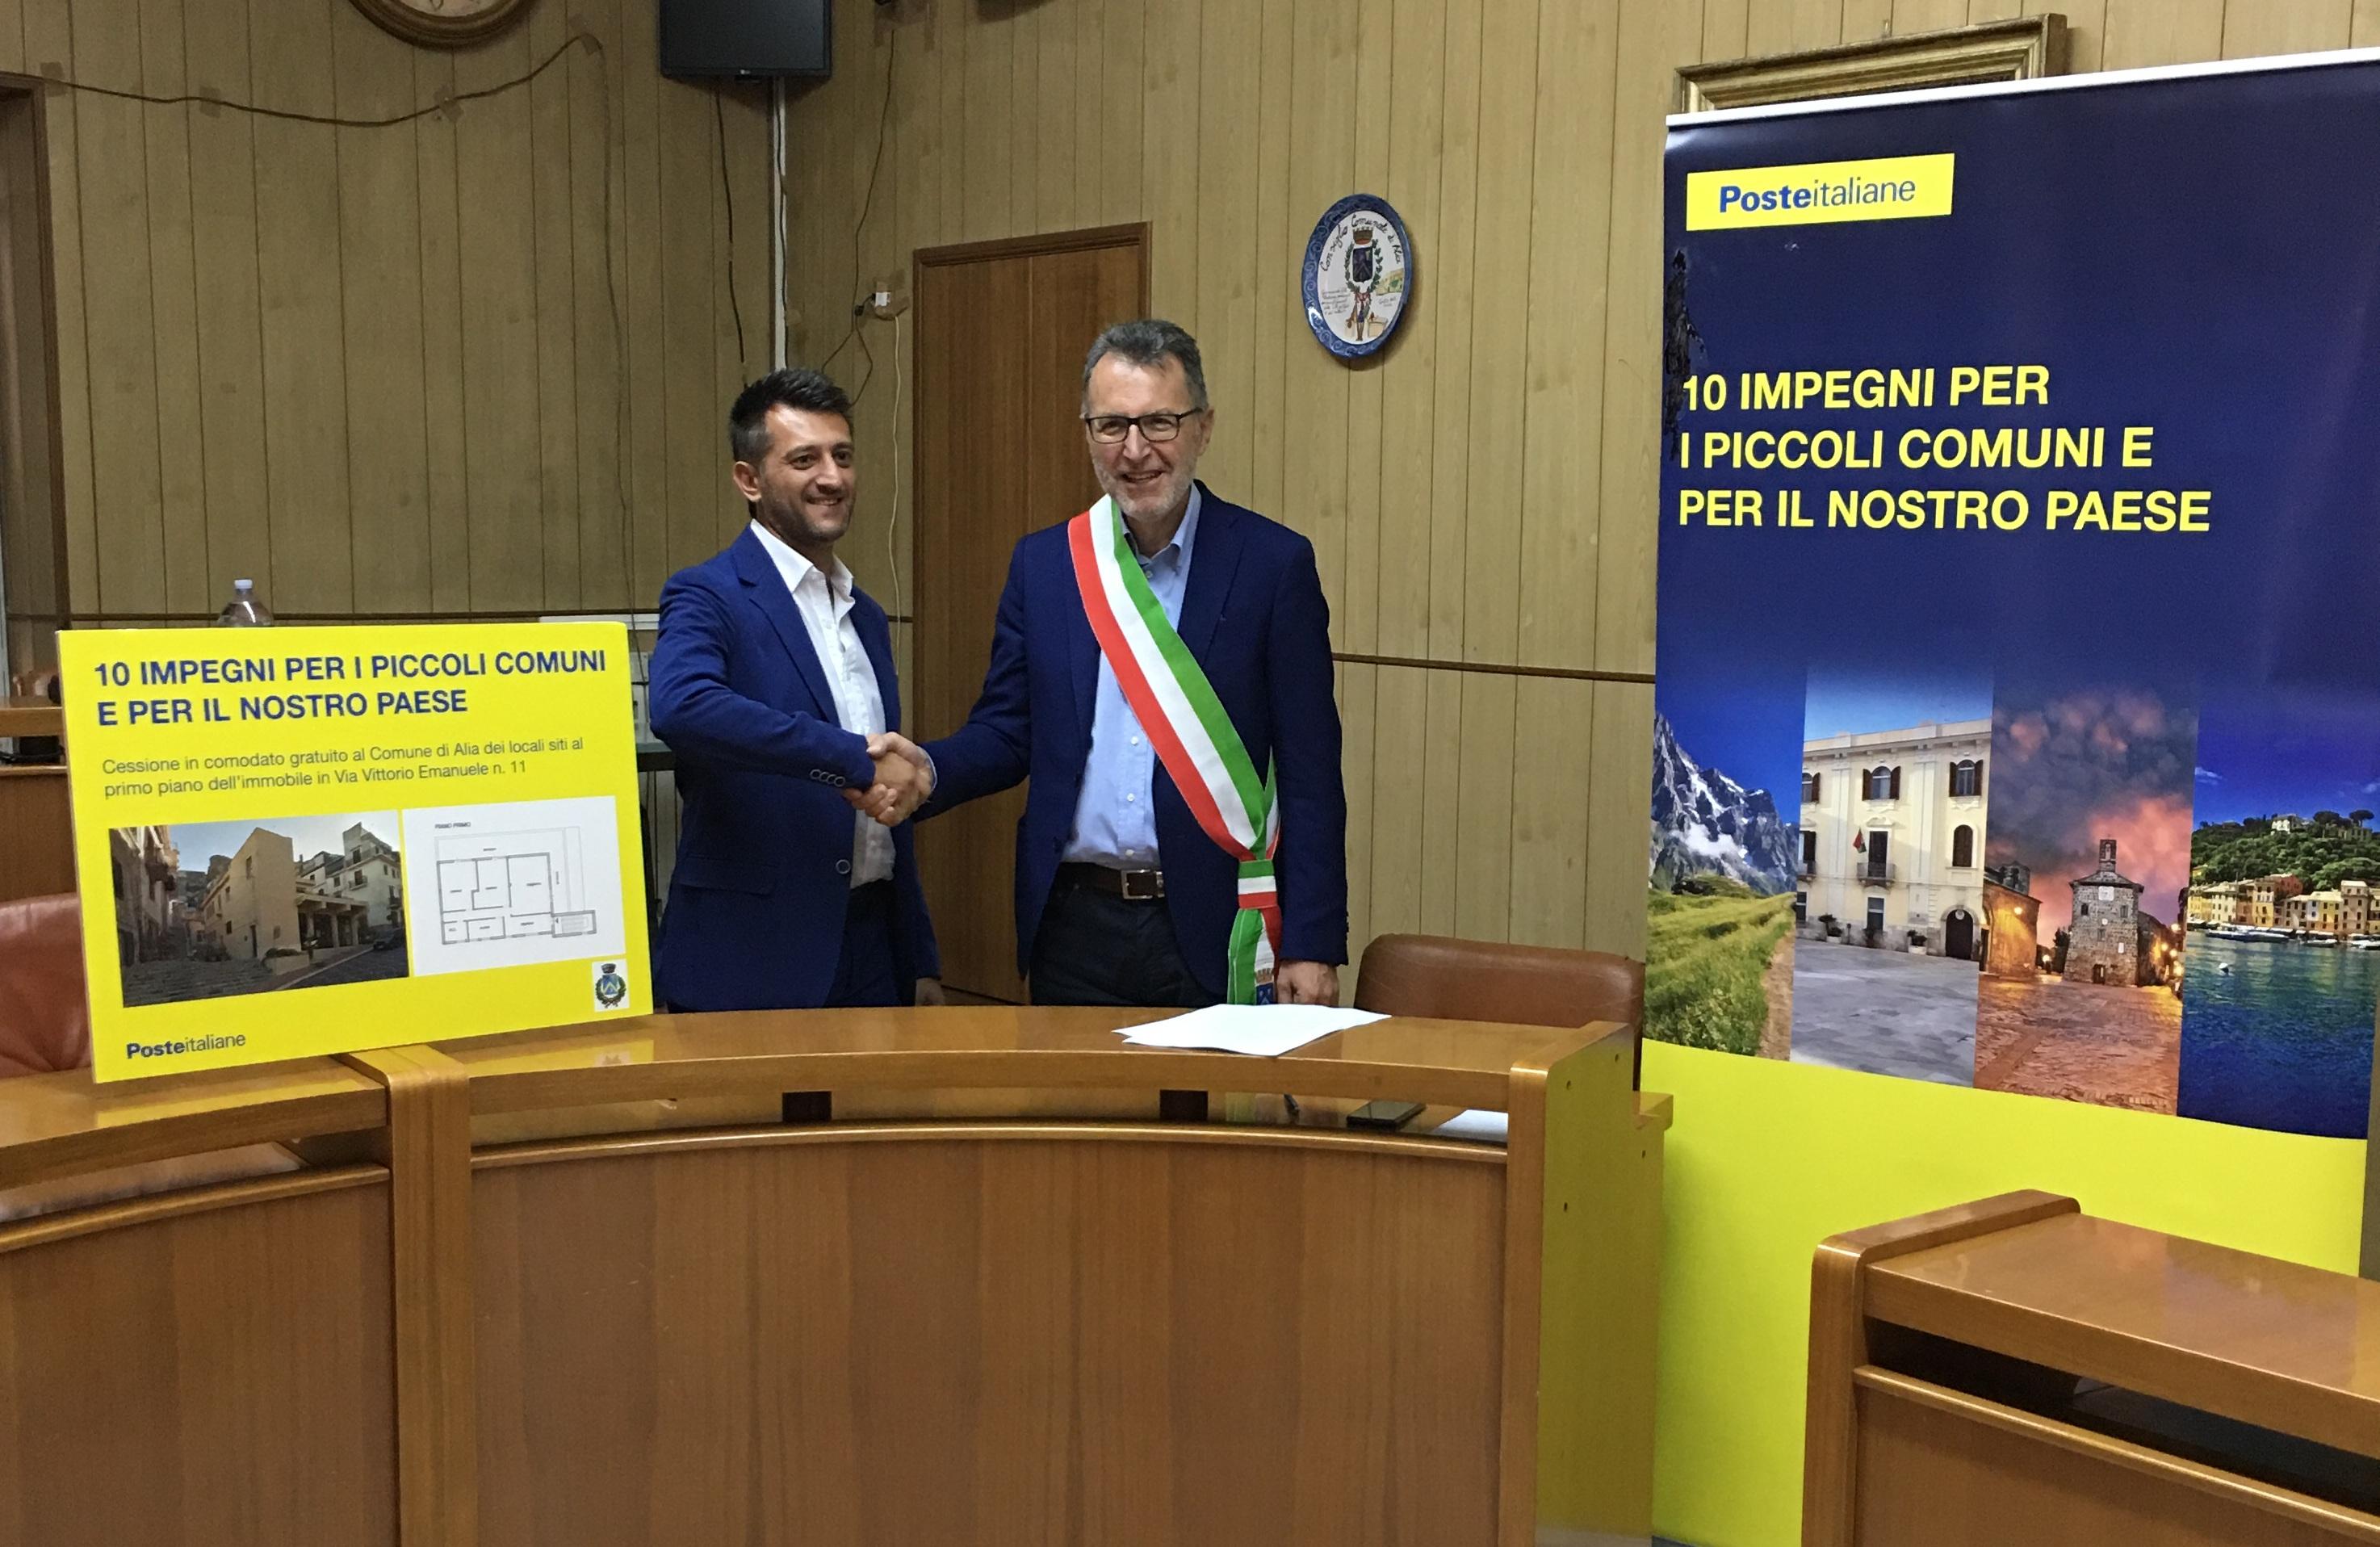 POSTE ITALIANE CEDE IN COMODATO GRATUITO ALCUNI LOCALI AL COMUNE DI ALIA